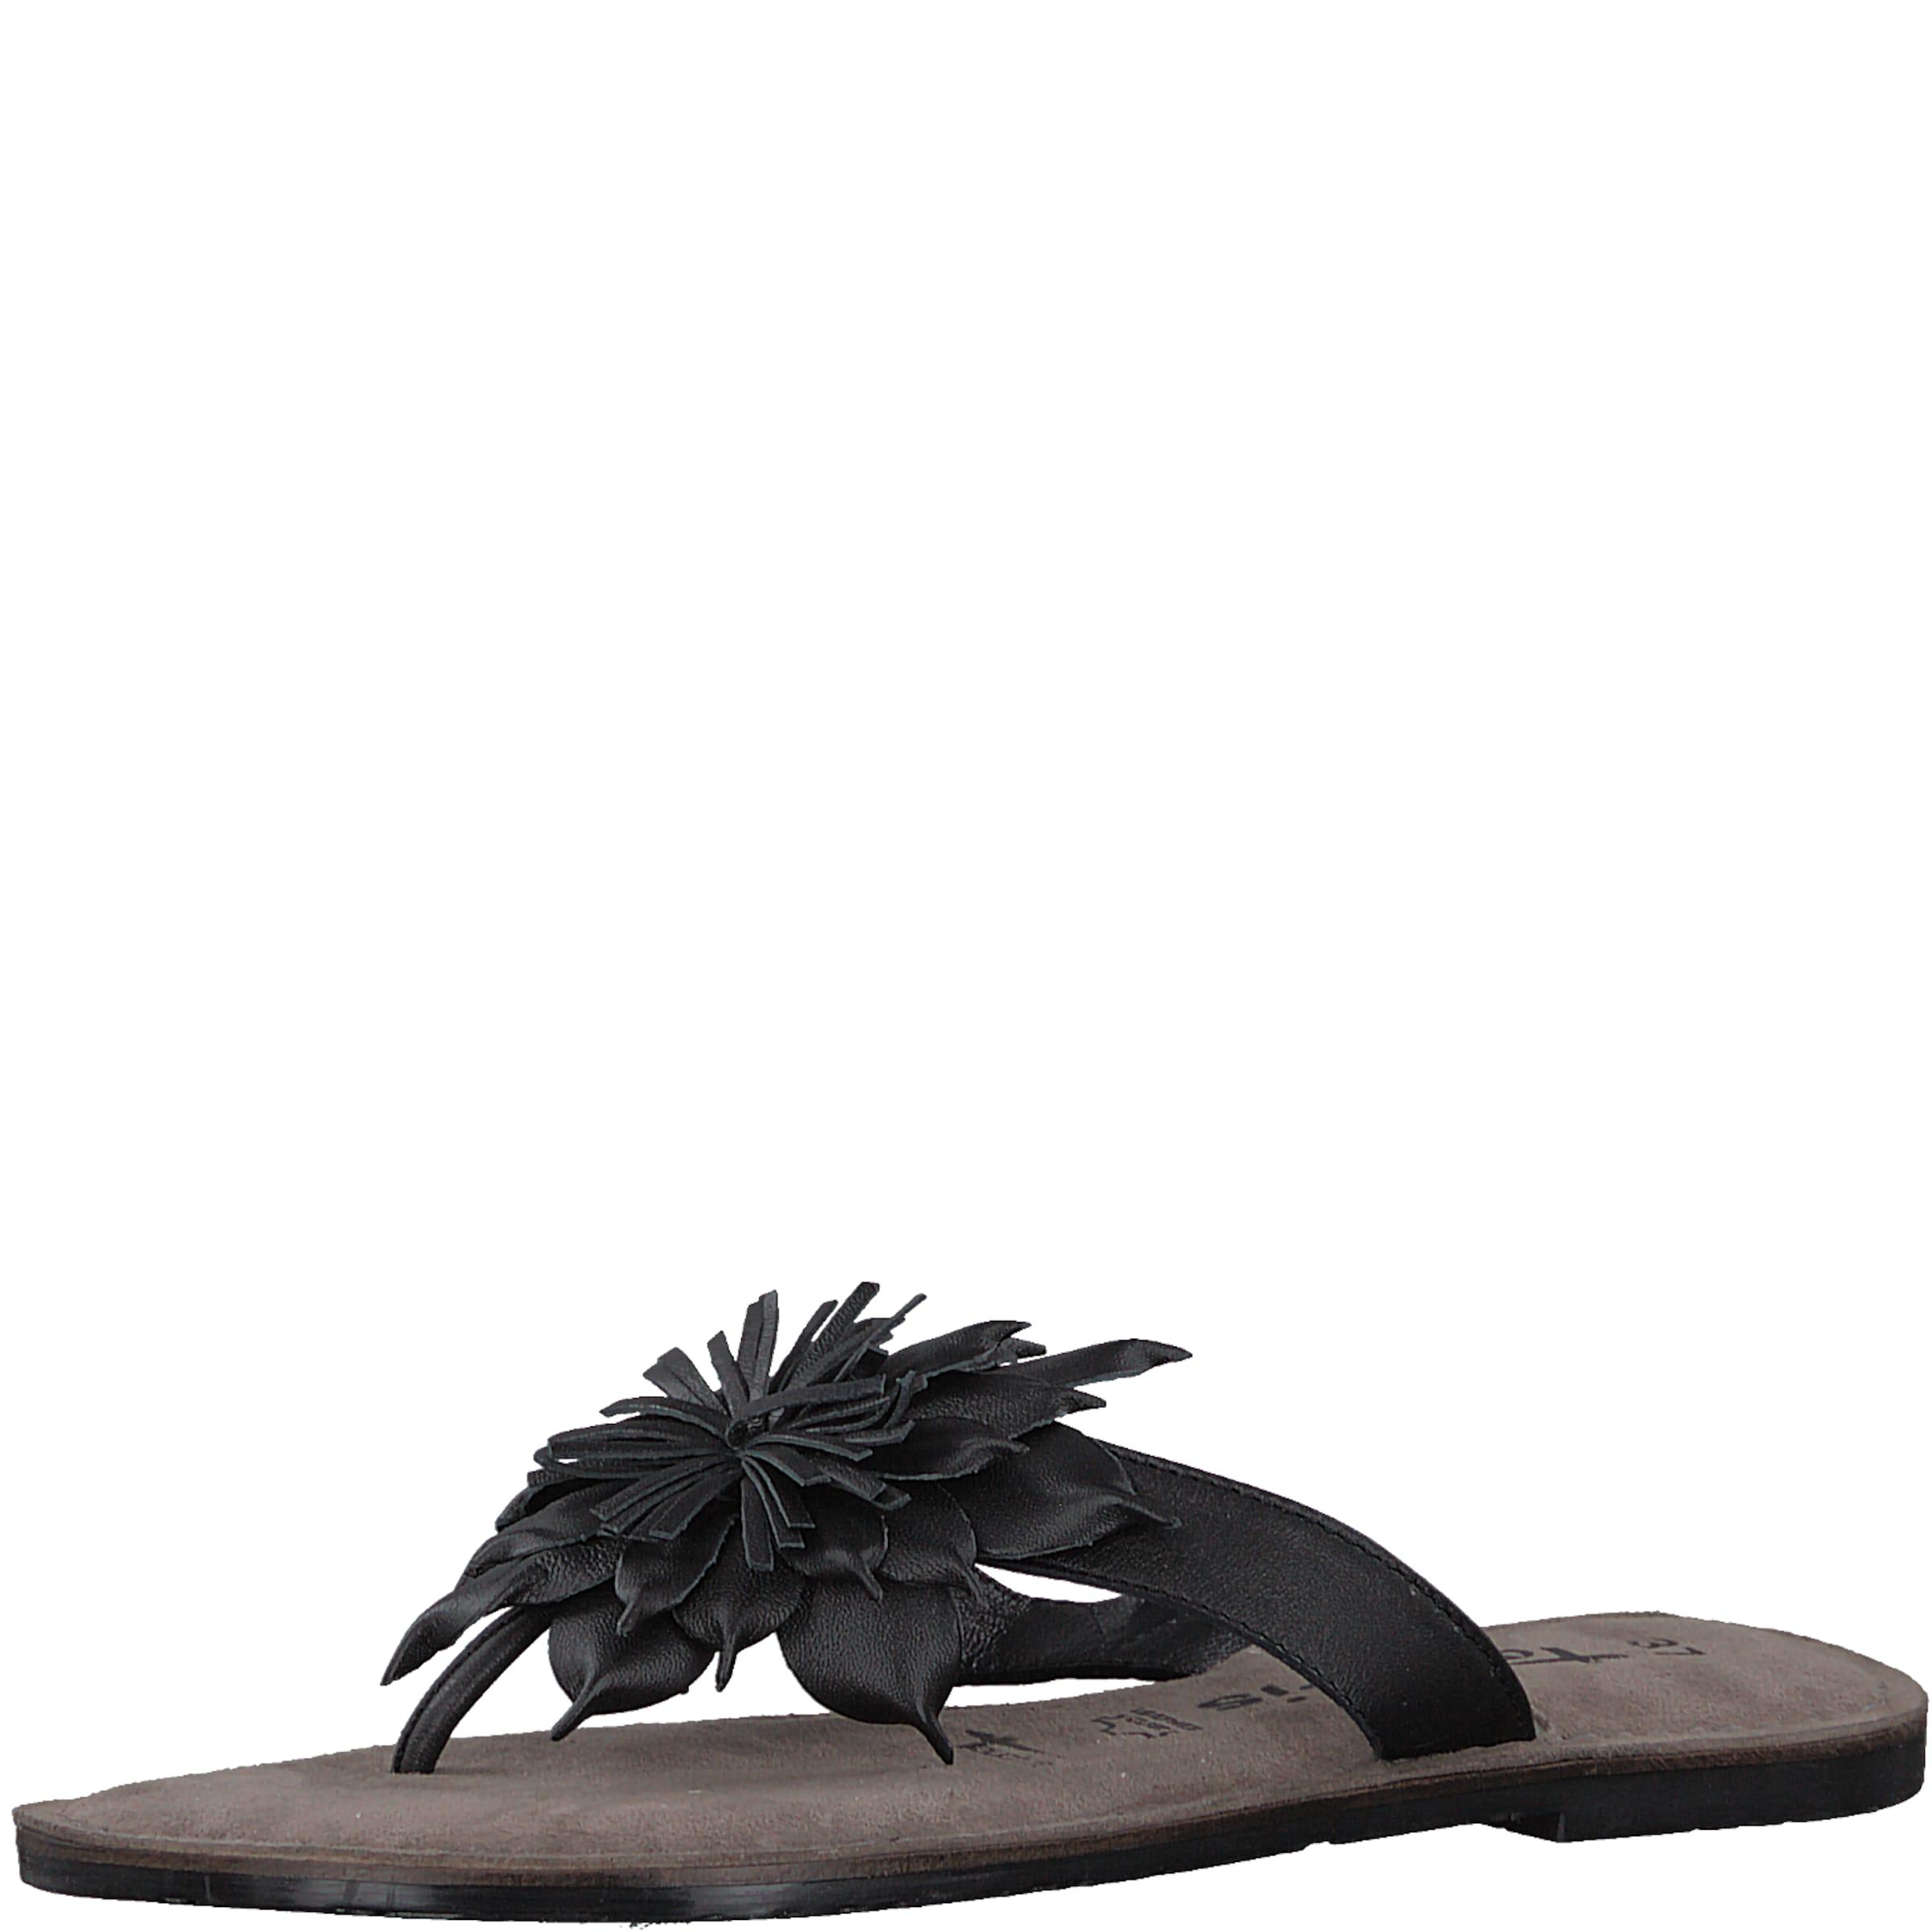 TAMARIS Zehentrenner Verschleißfeste billige Schuhe Hohe Qualität